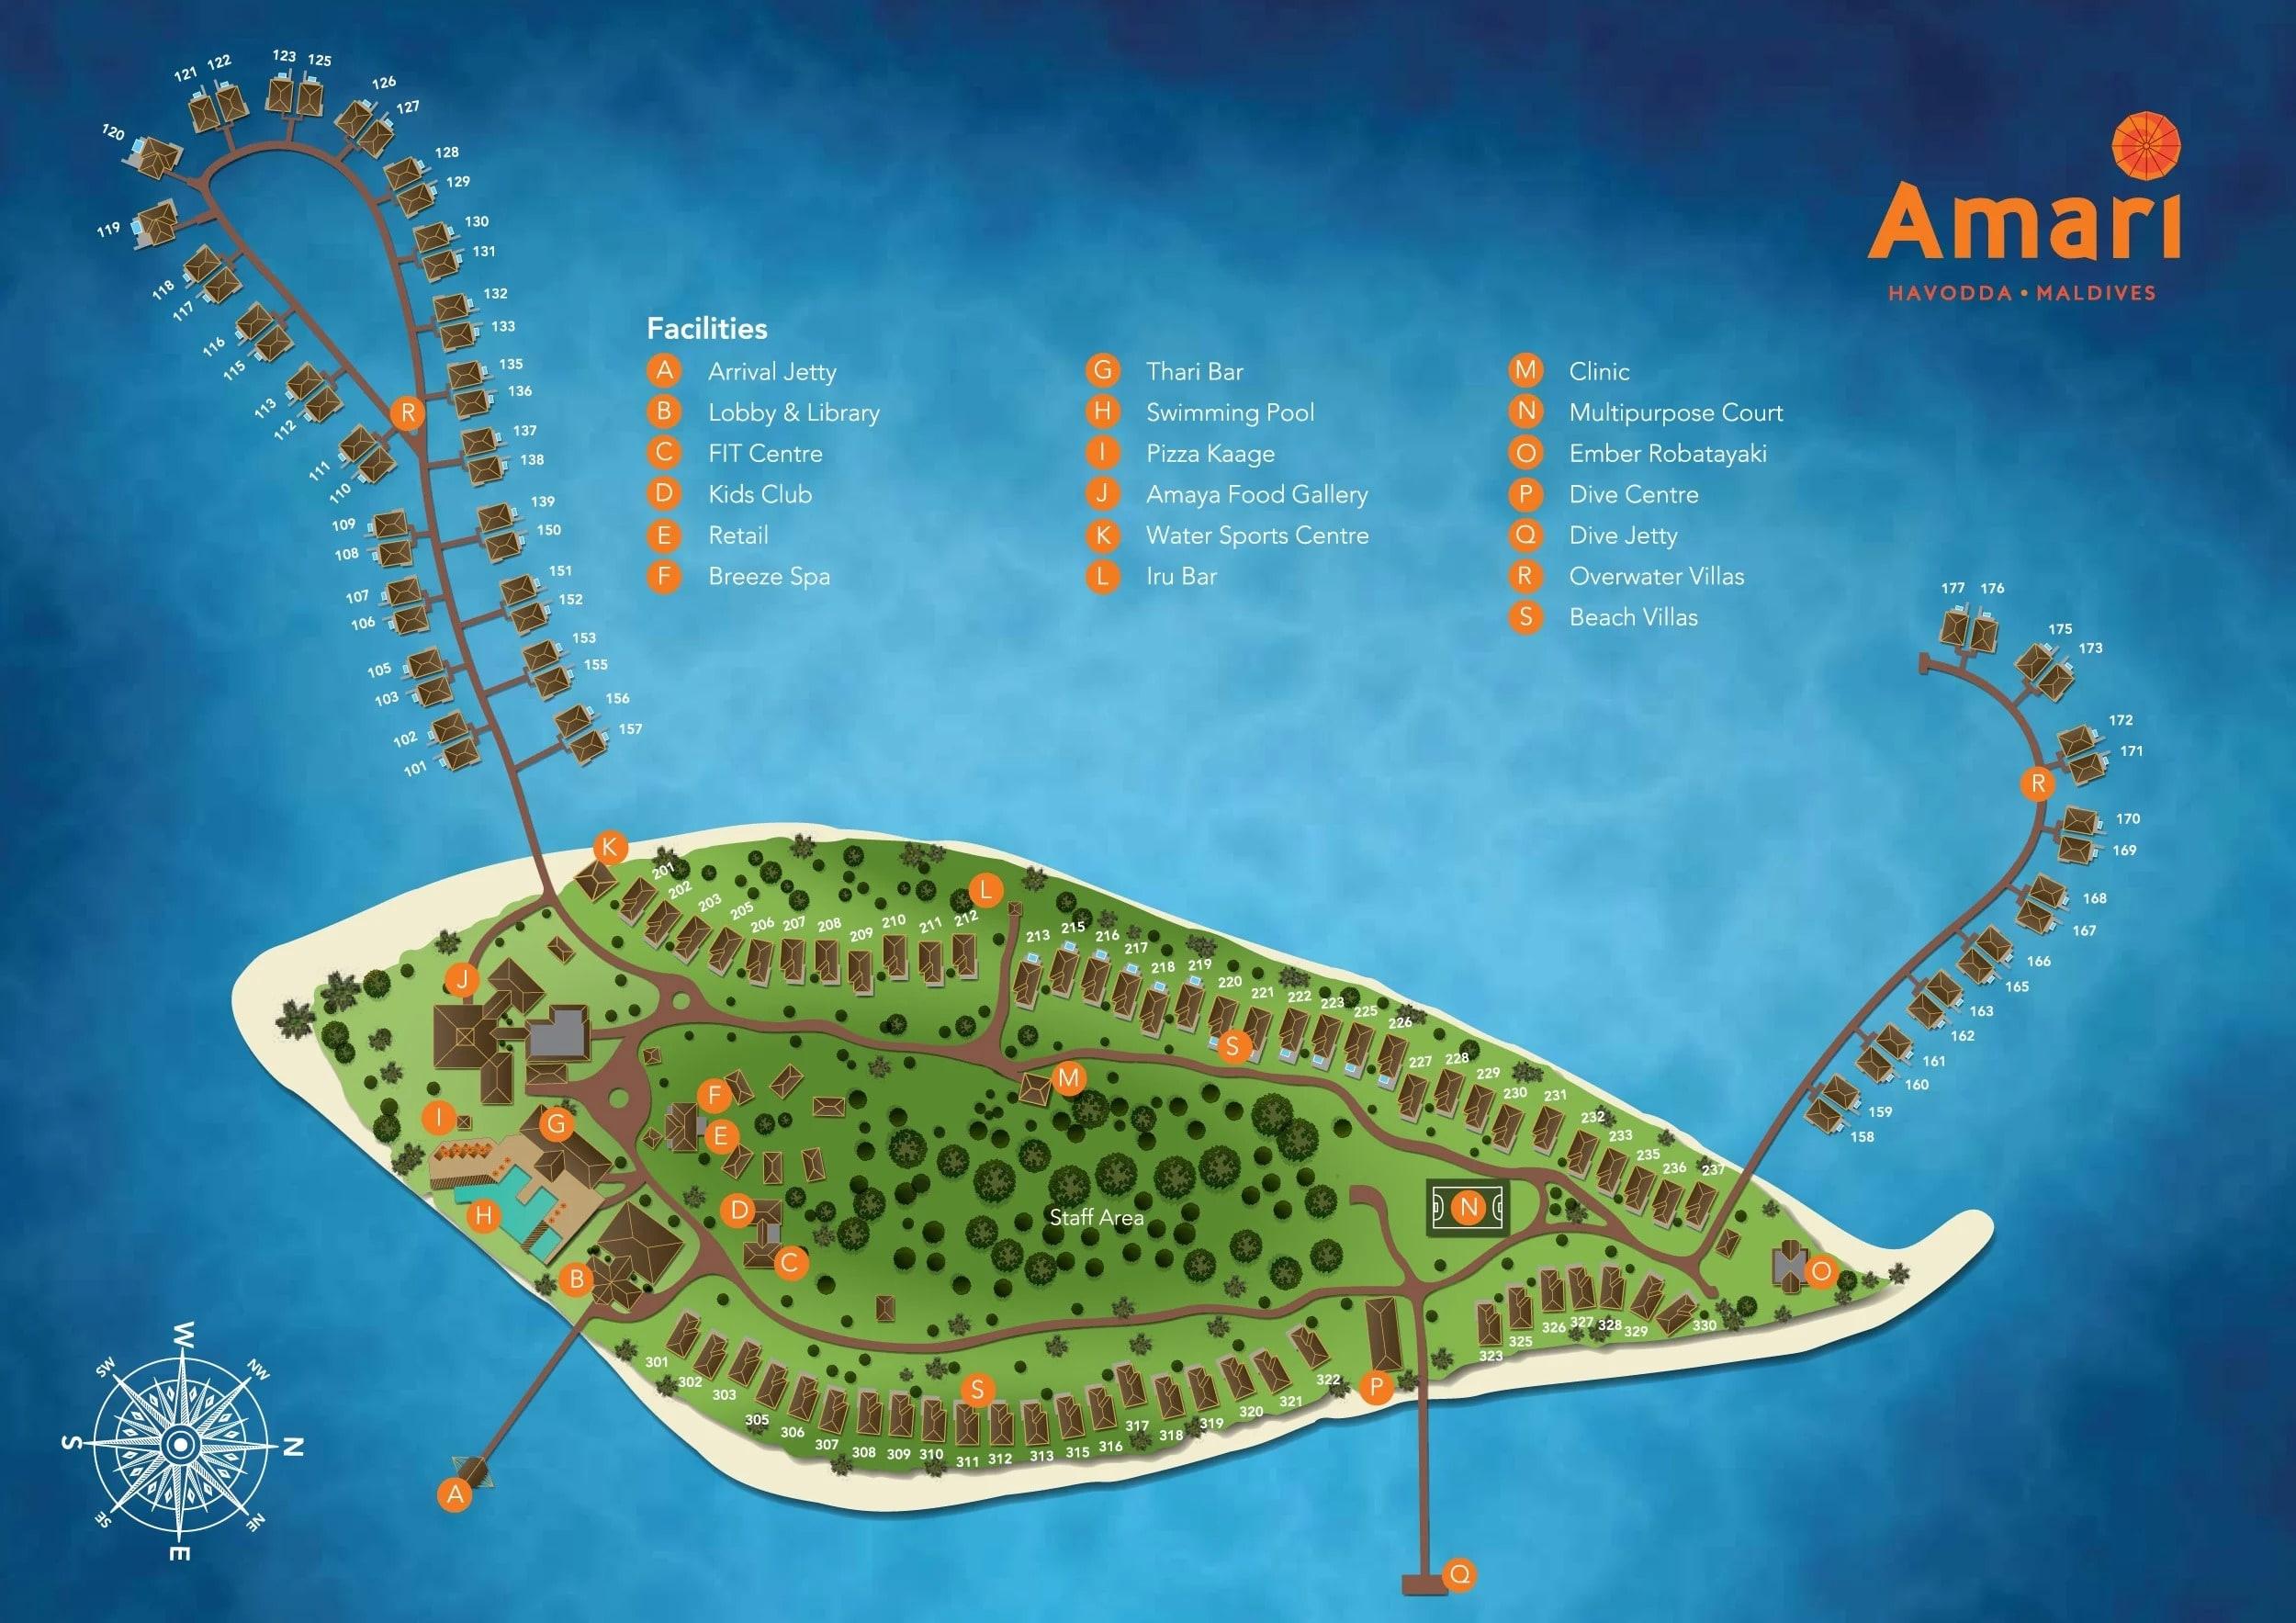 Мальдивы, Amari Havodda Maldives, карта отеля